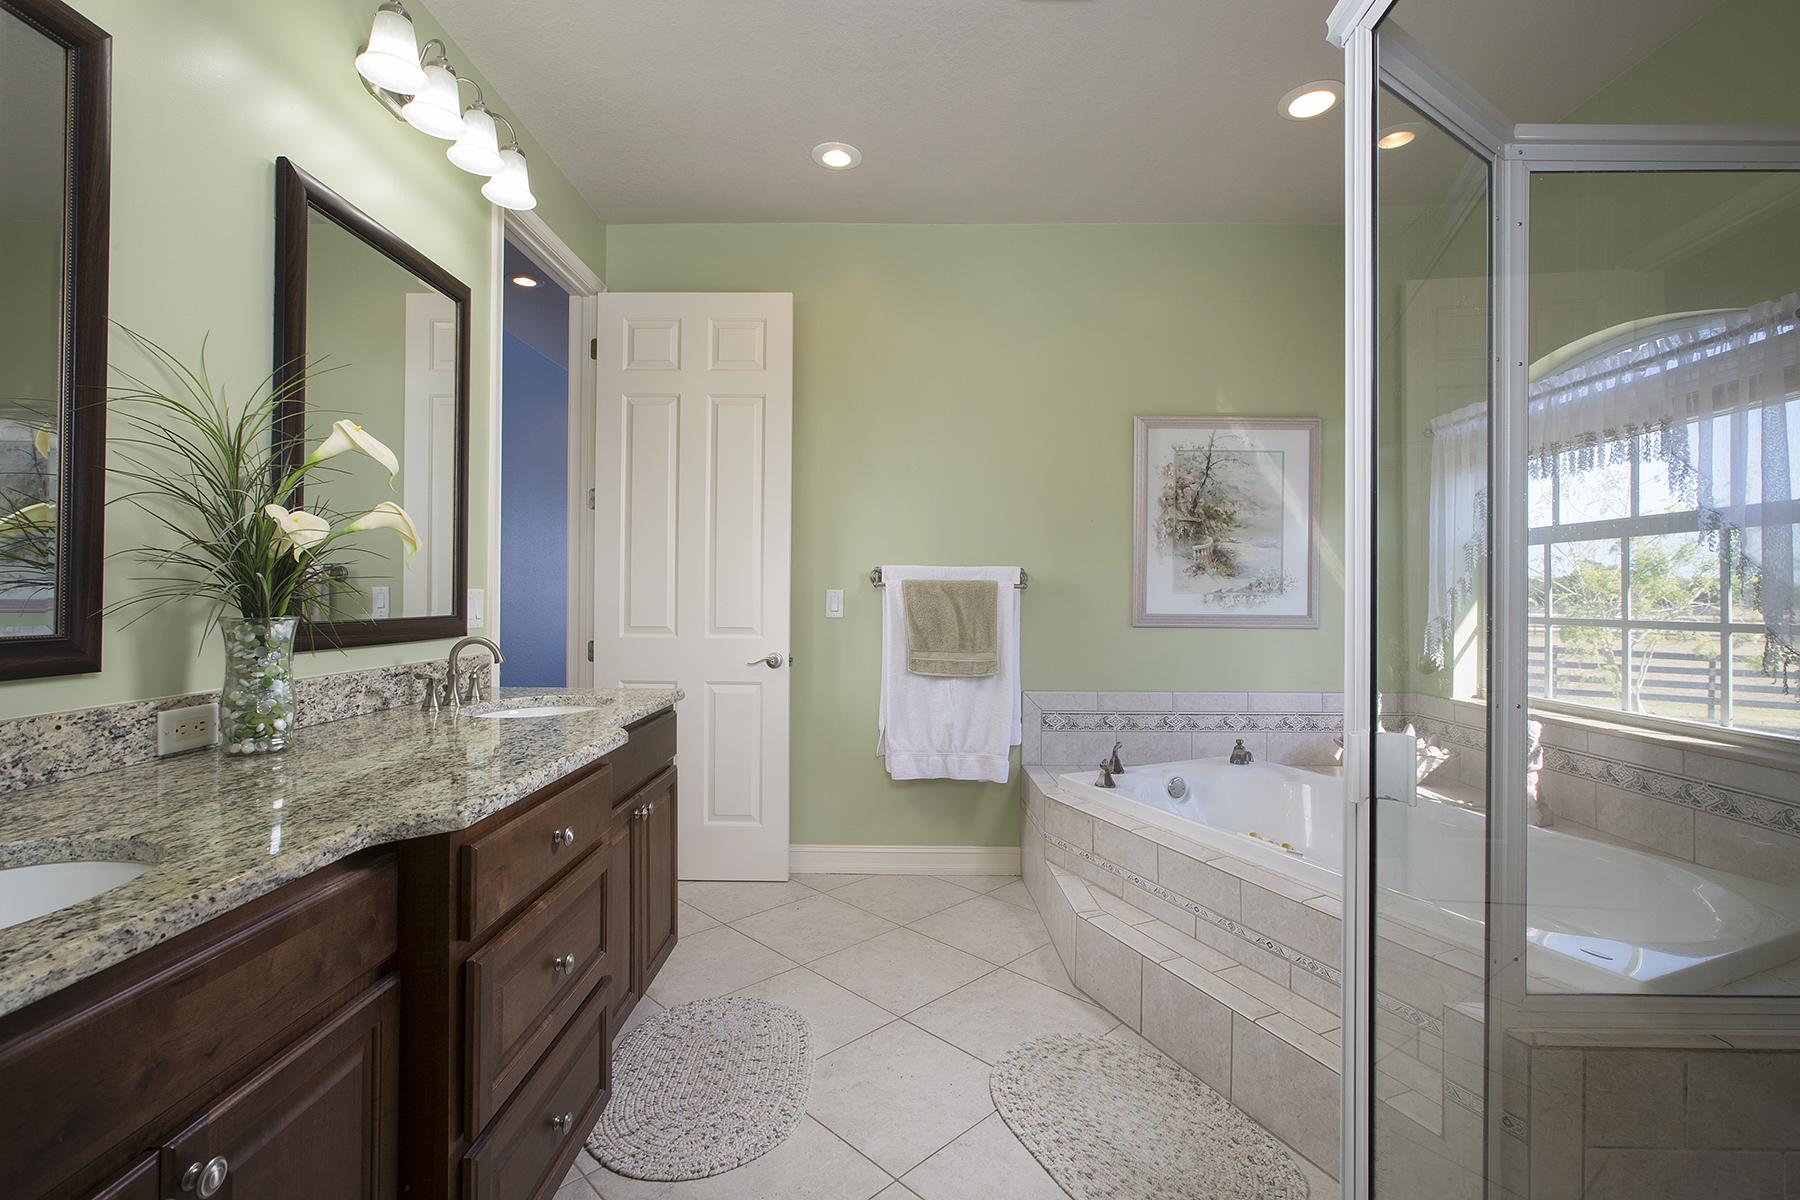 Tek Ailelik Ev için Satış at FT. MYERS 10581 Deal Rd North Fort Myers, Florida, 33917 Amerika Birleşik Devletleri